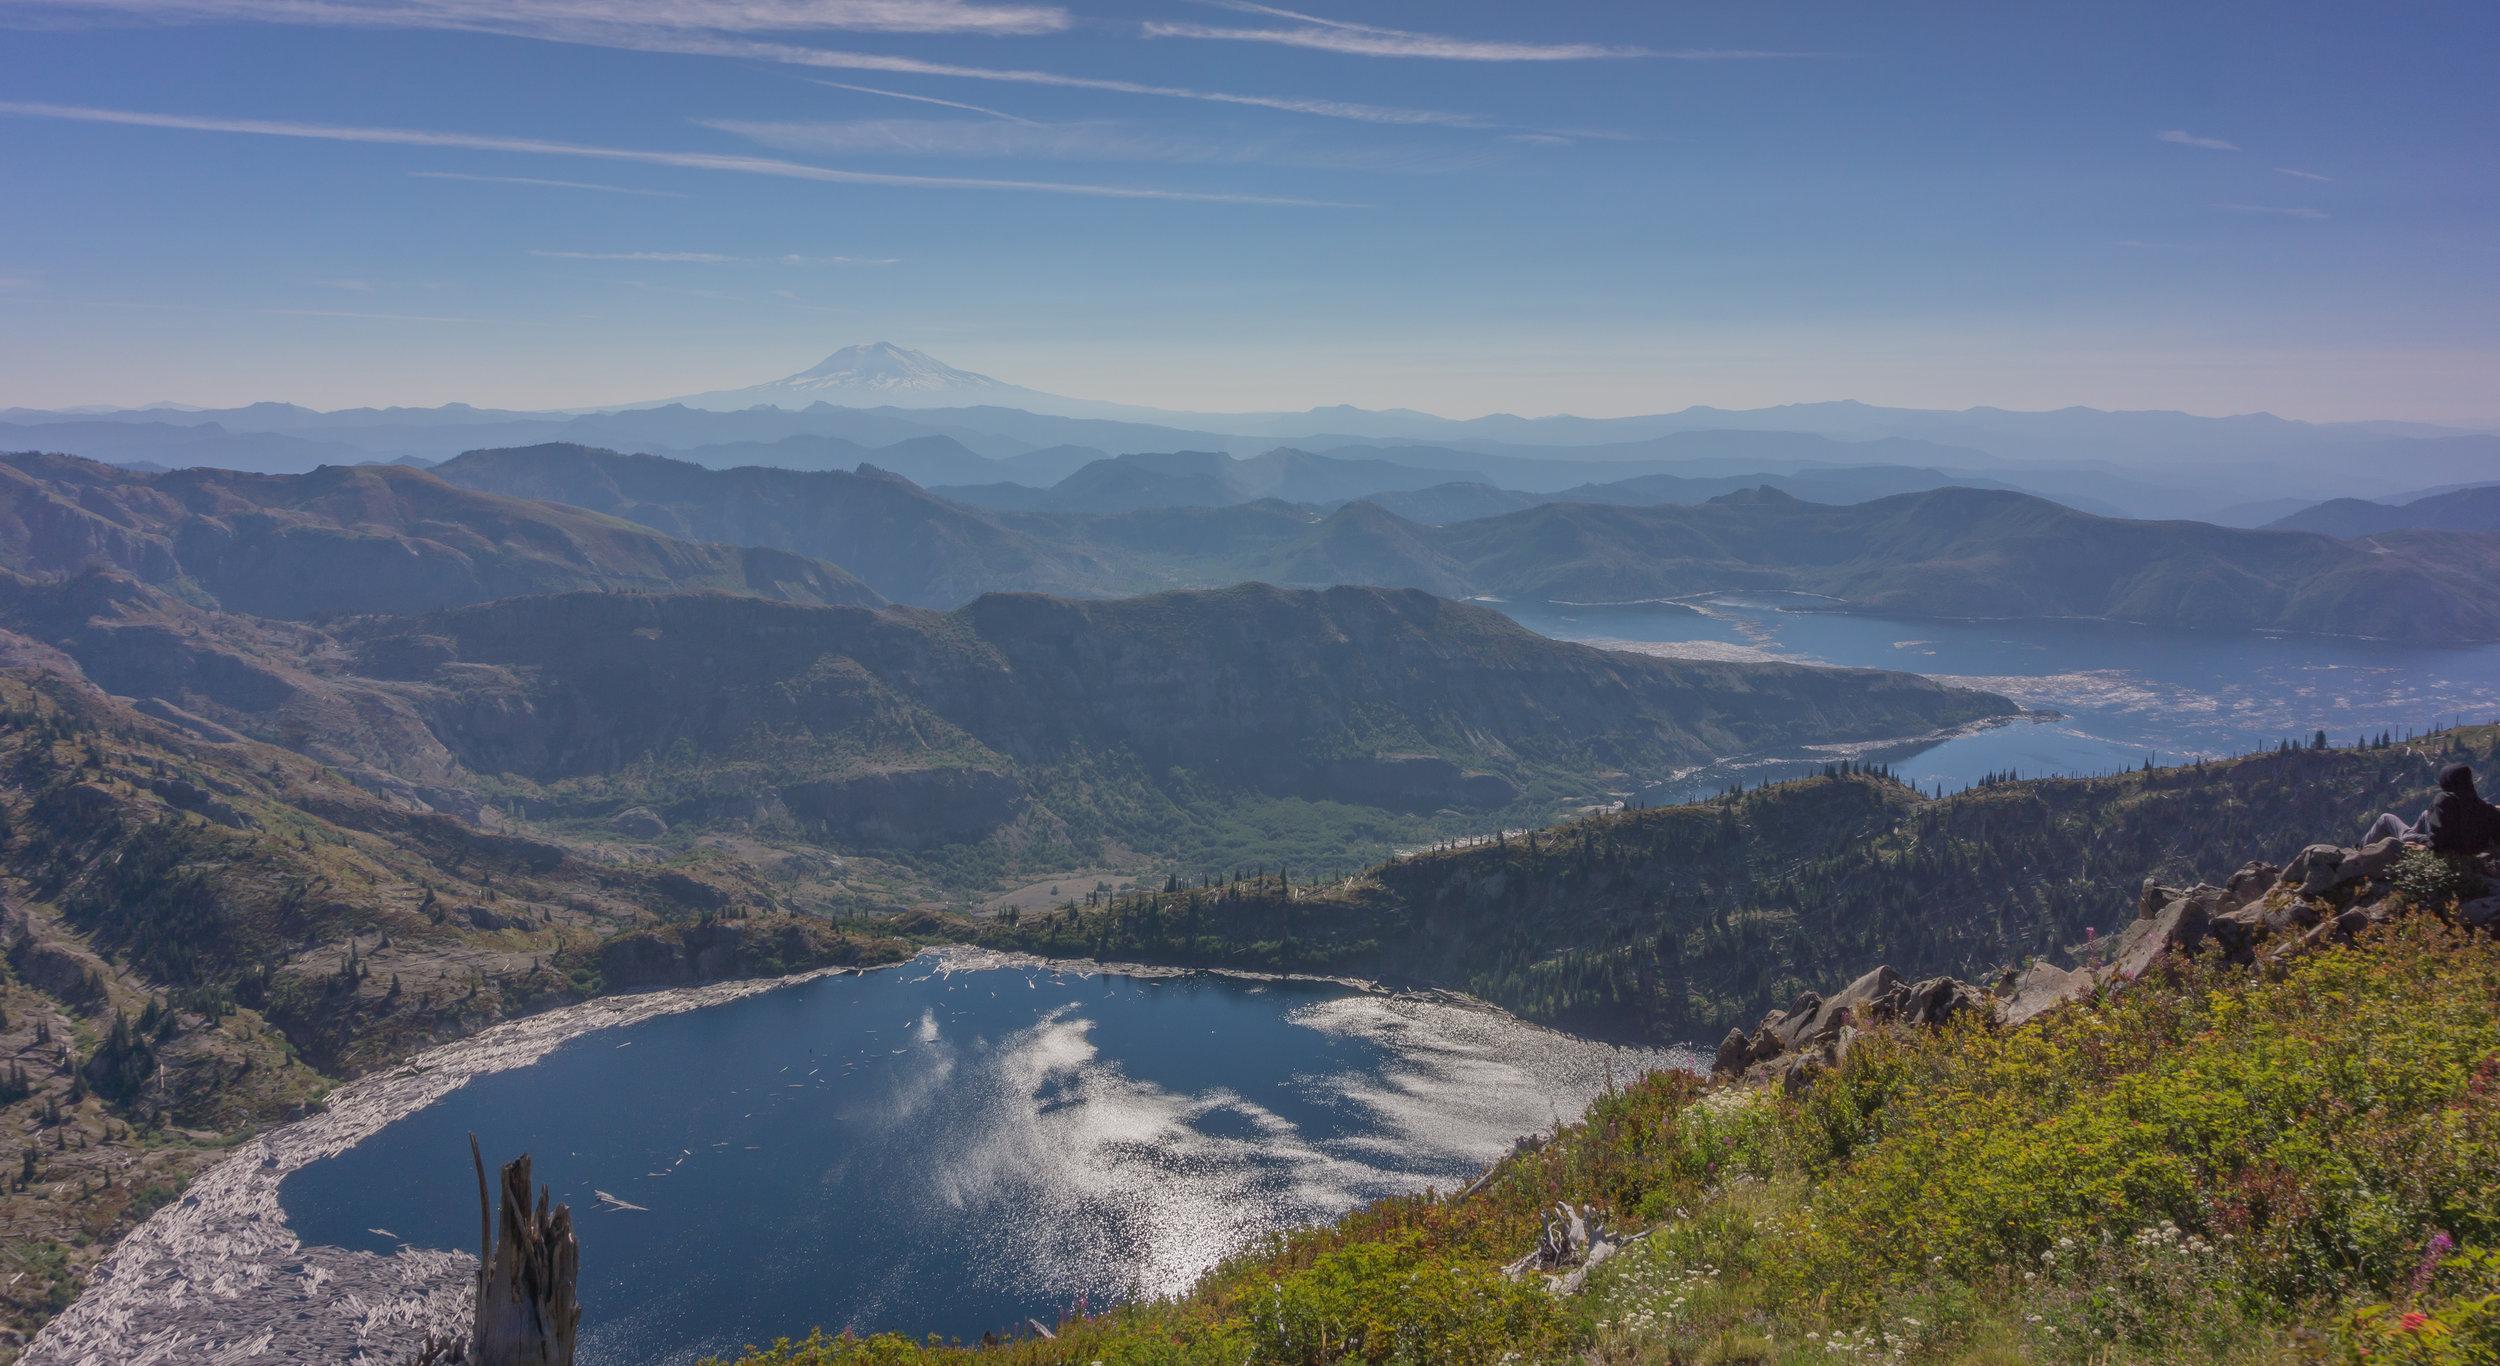 St. Helens Lake, Mount Adams, and Spirit Lake.